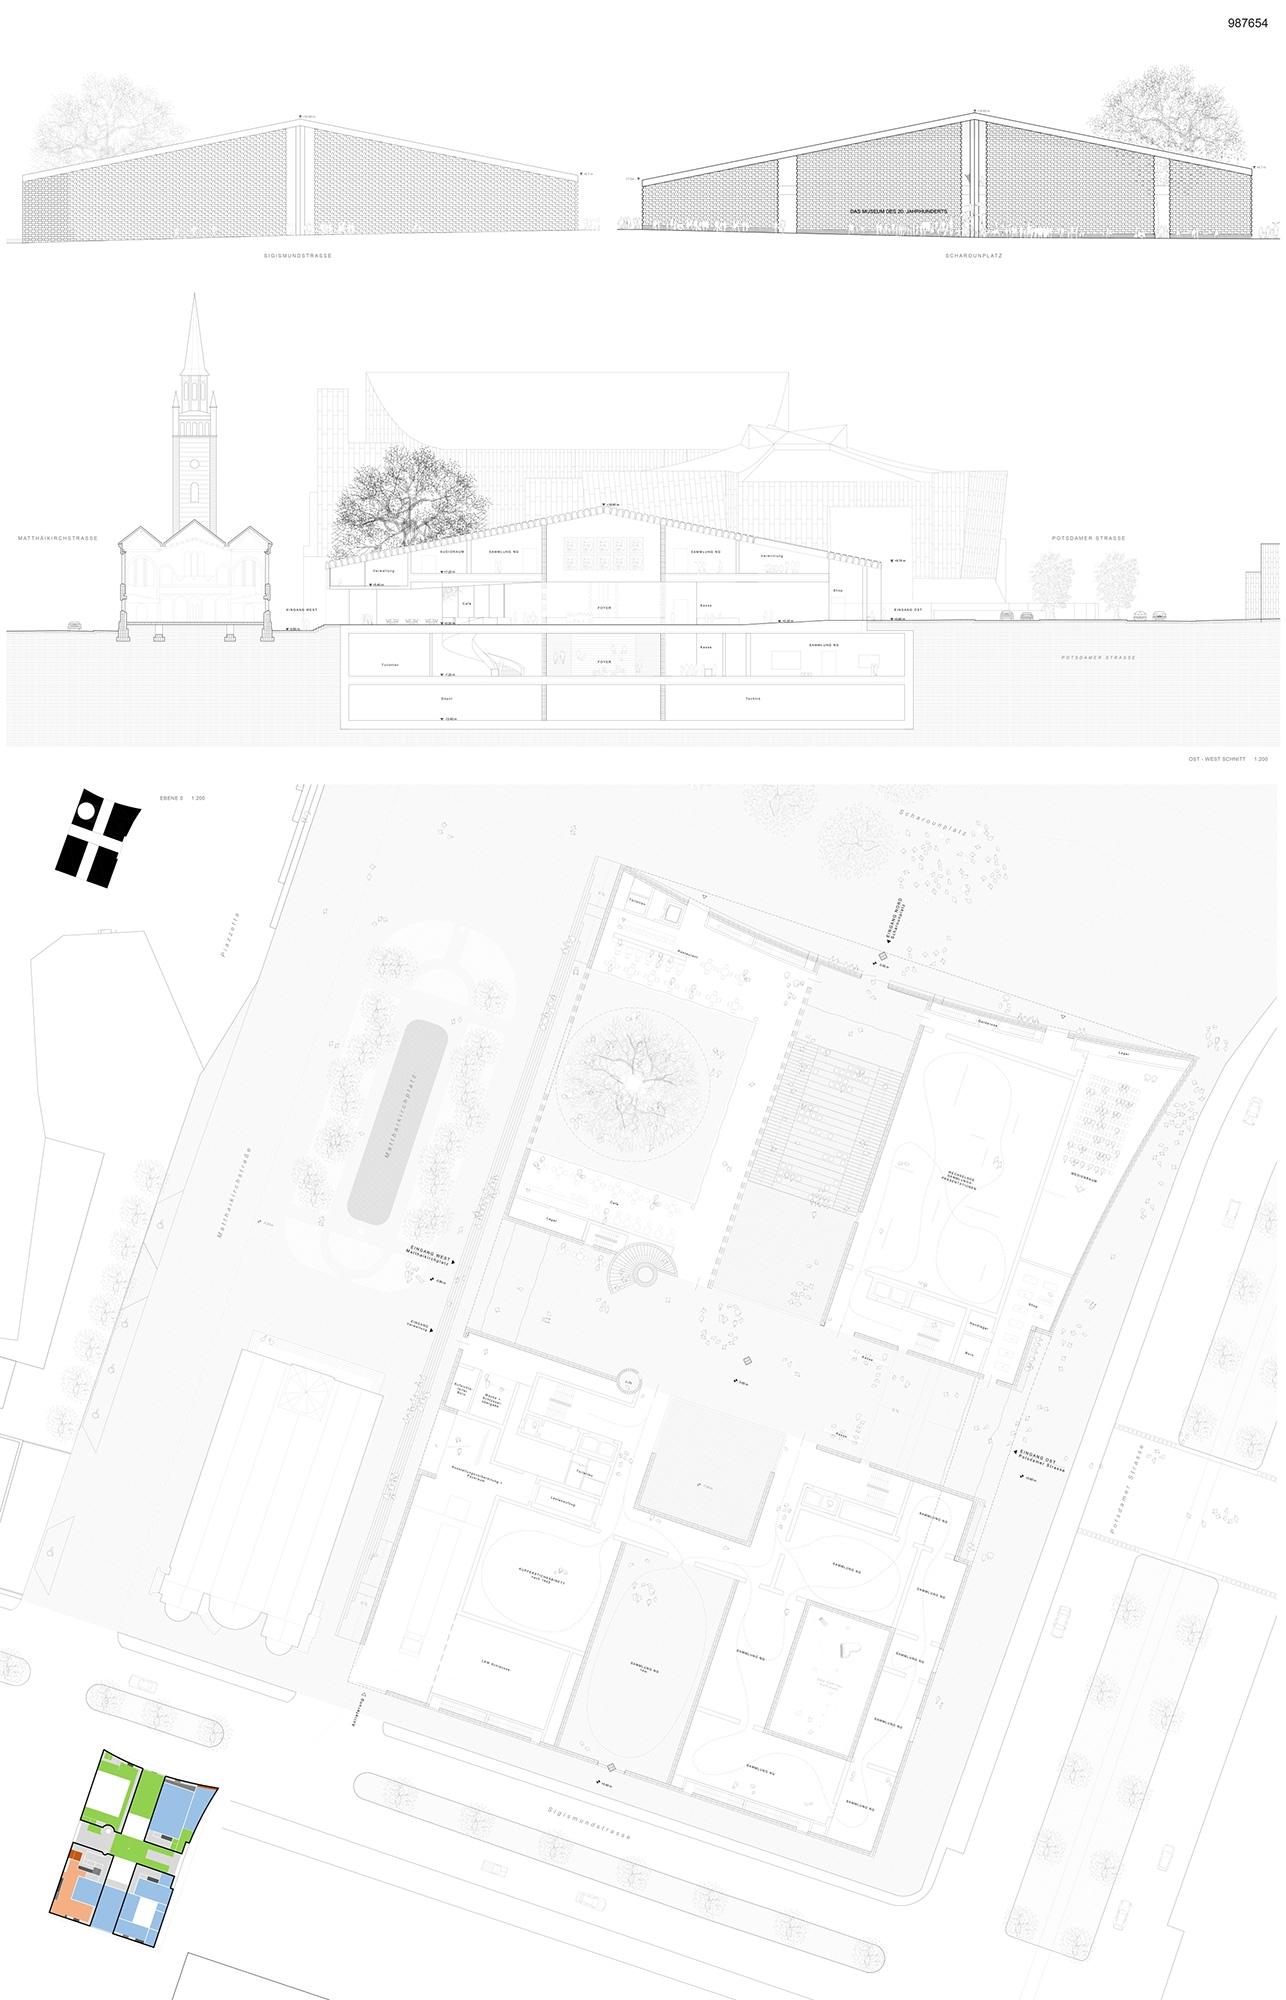 Herzog-de-Meuron-.-New-Neue-Galerie-.-Berlin-4.jpg